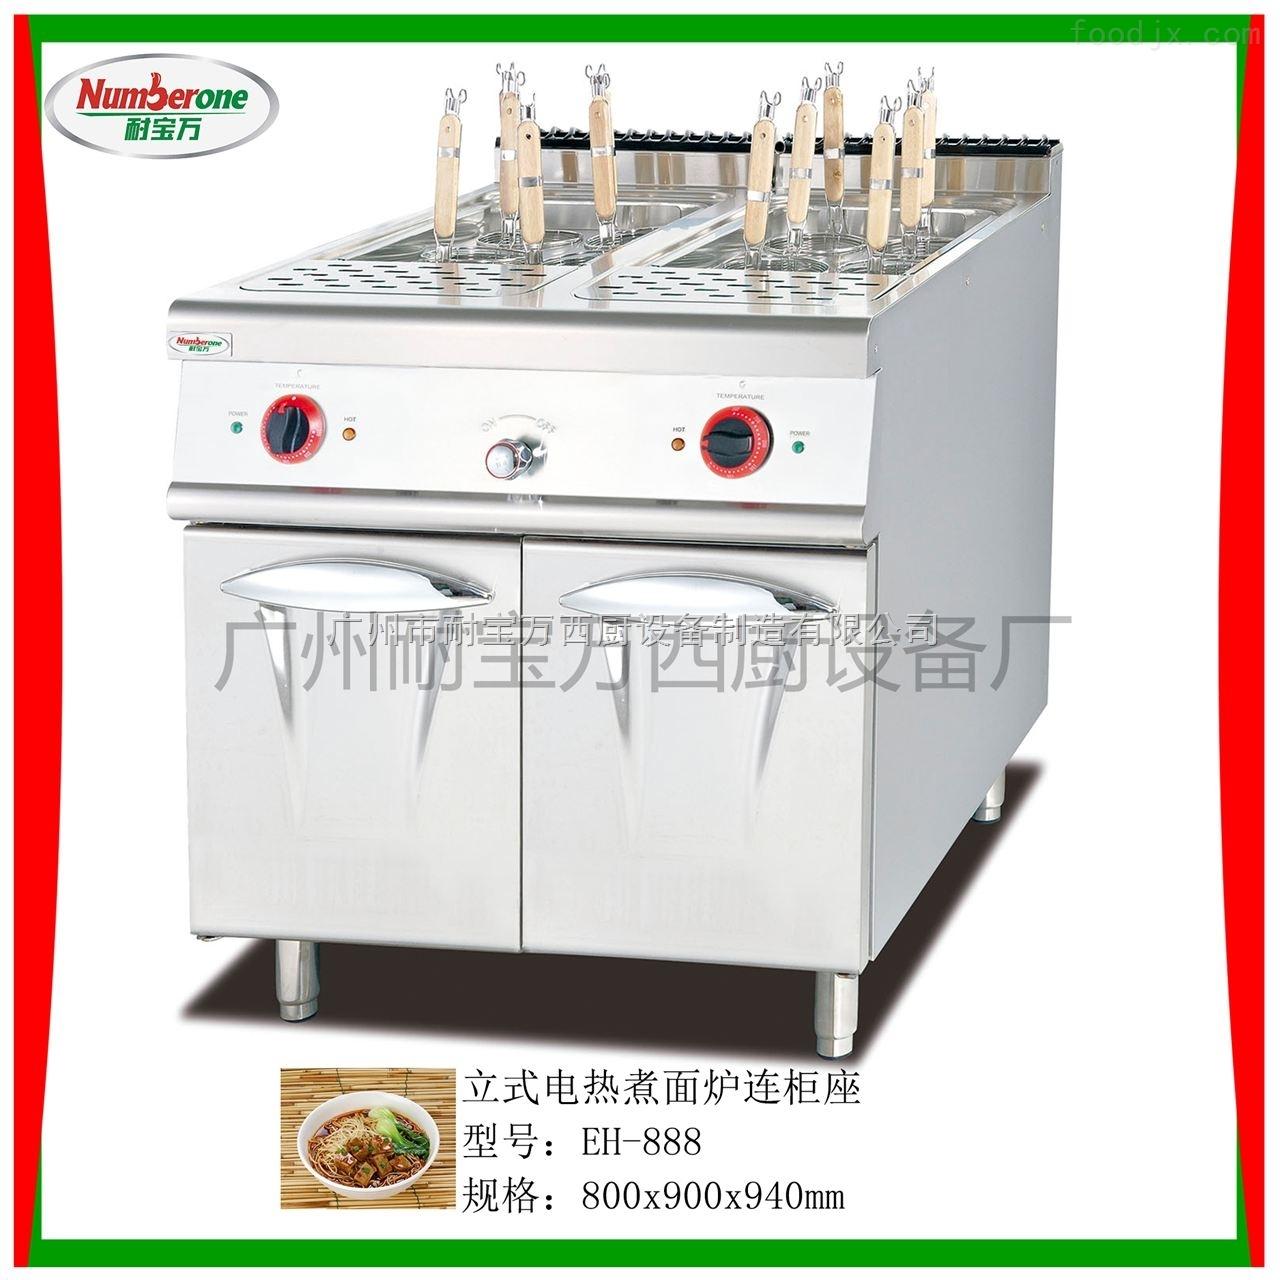 立式电热煮面炉连柜座/汤粉炉